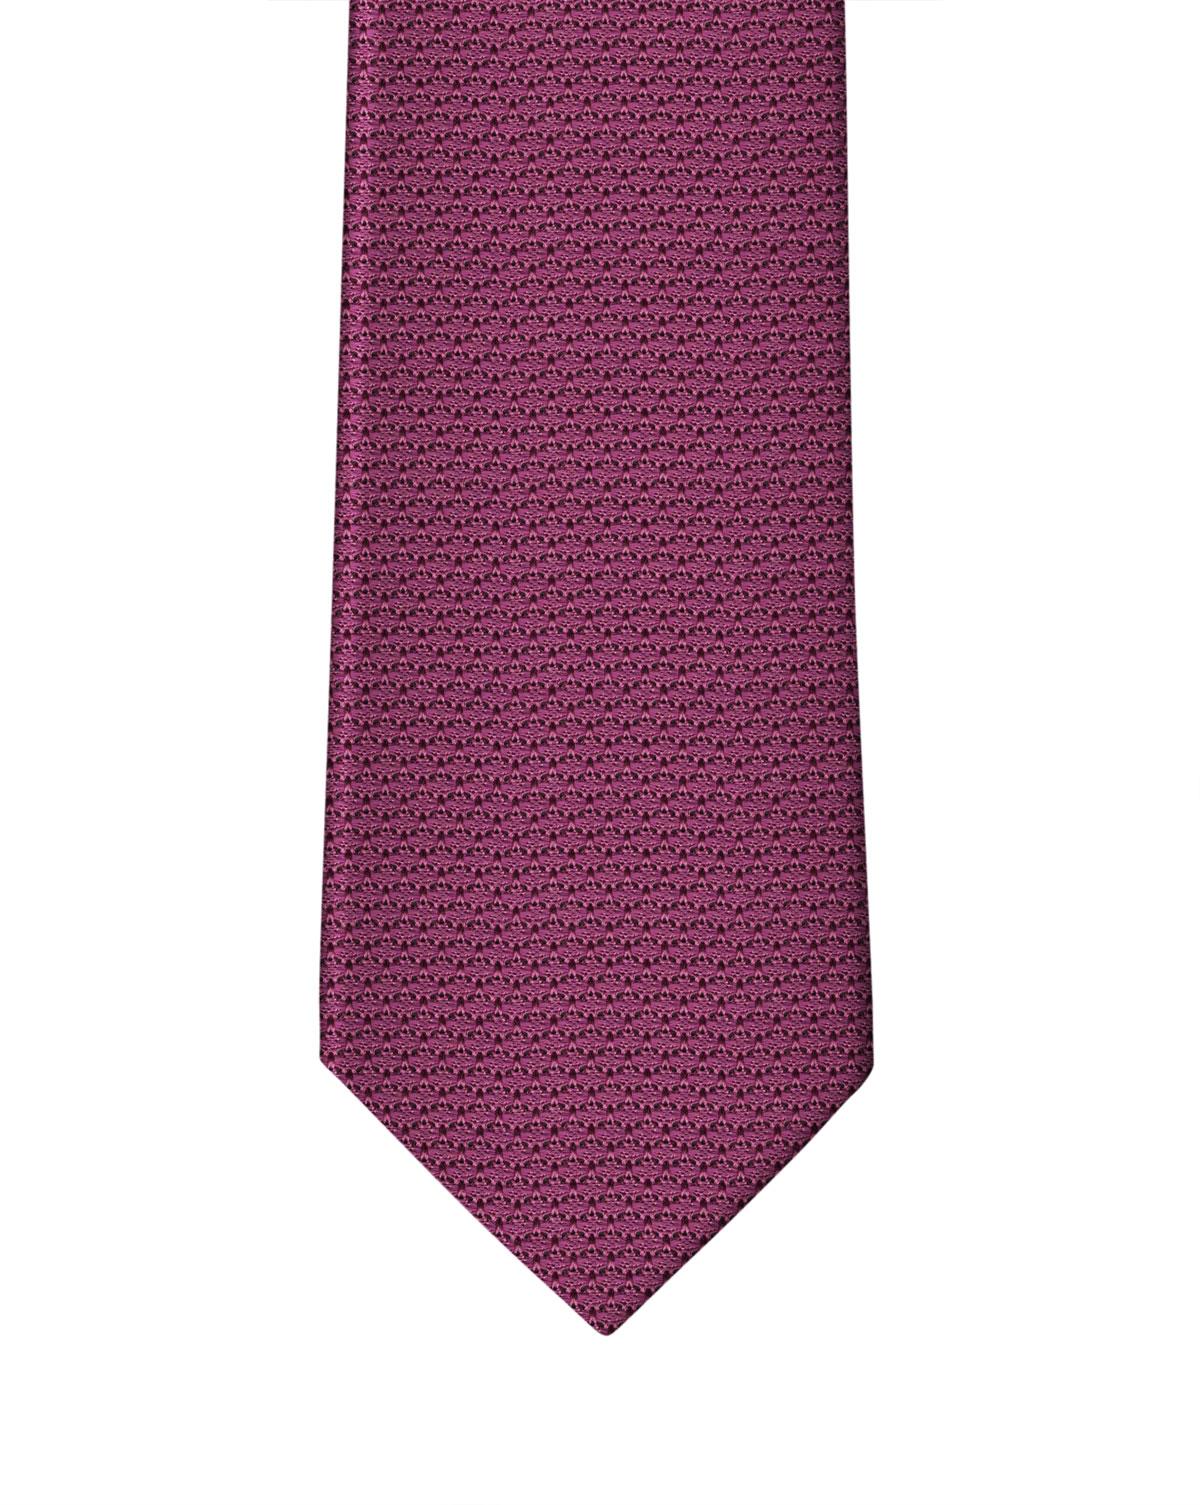 Magenta Grenadine Necktie